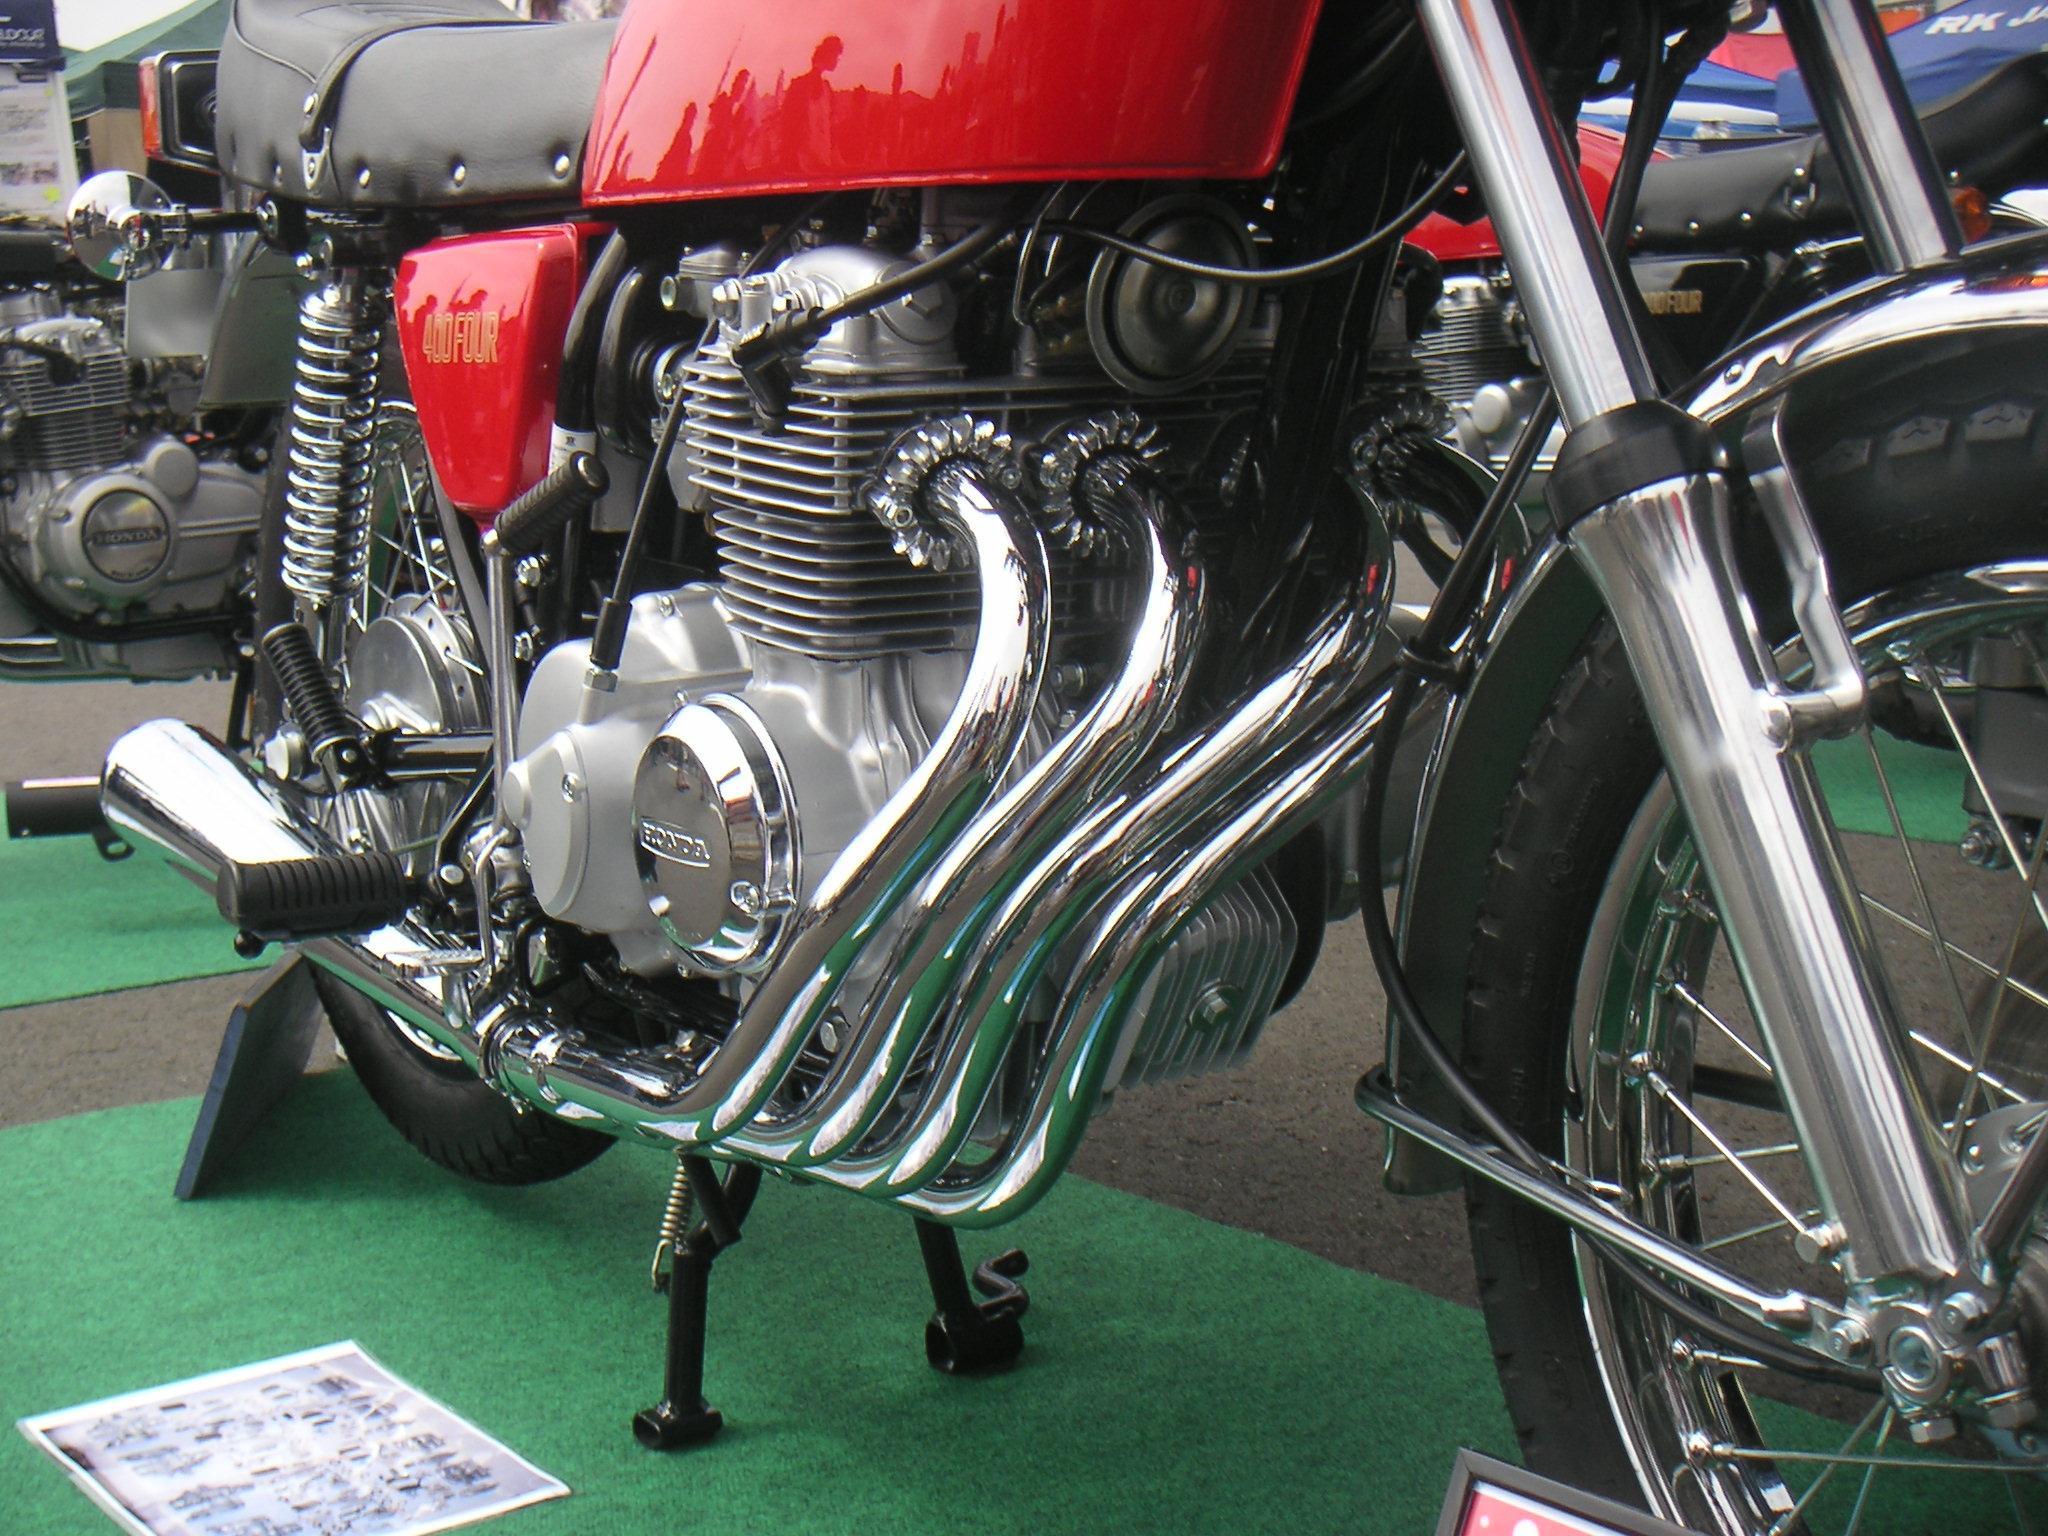 http://www.precious-factory.com/preciousfactory2010/PICT0212.JPG